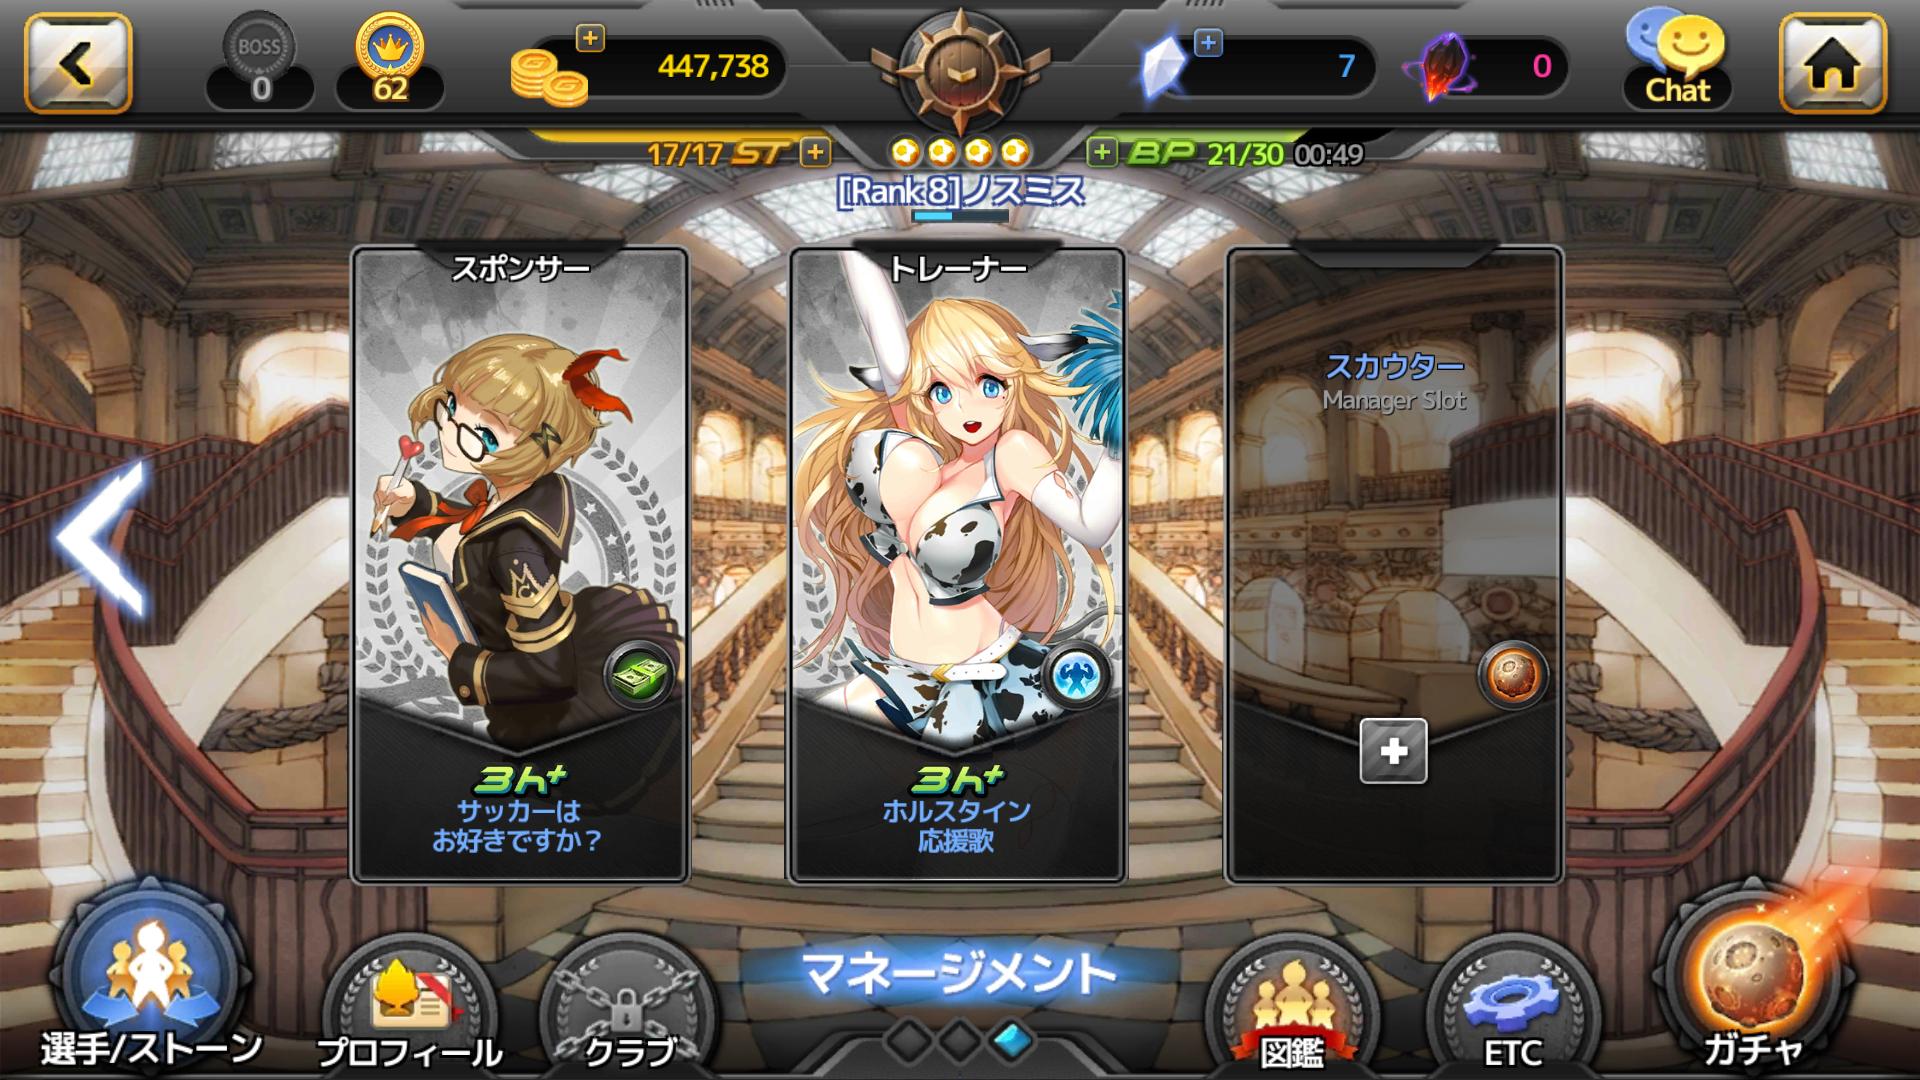 androidアプリ サッカースピリッツ(サカスピ)攻略スクリーンショット7